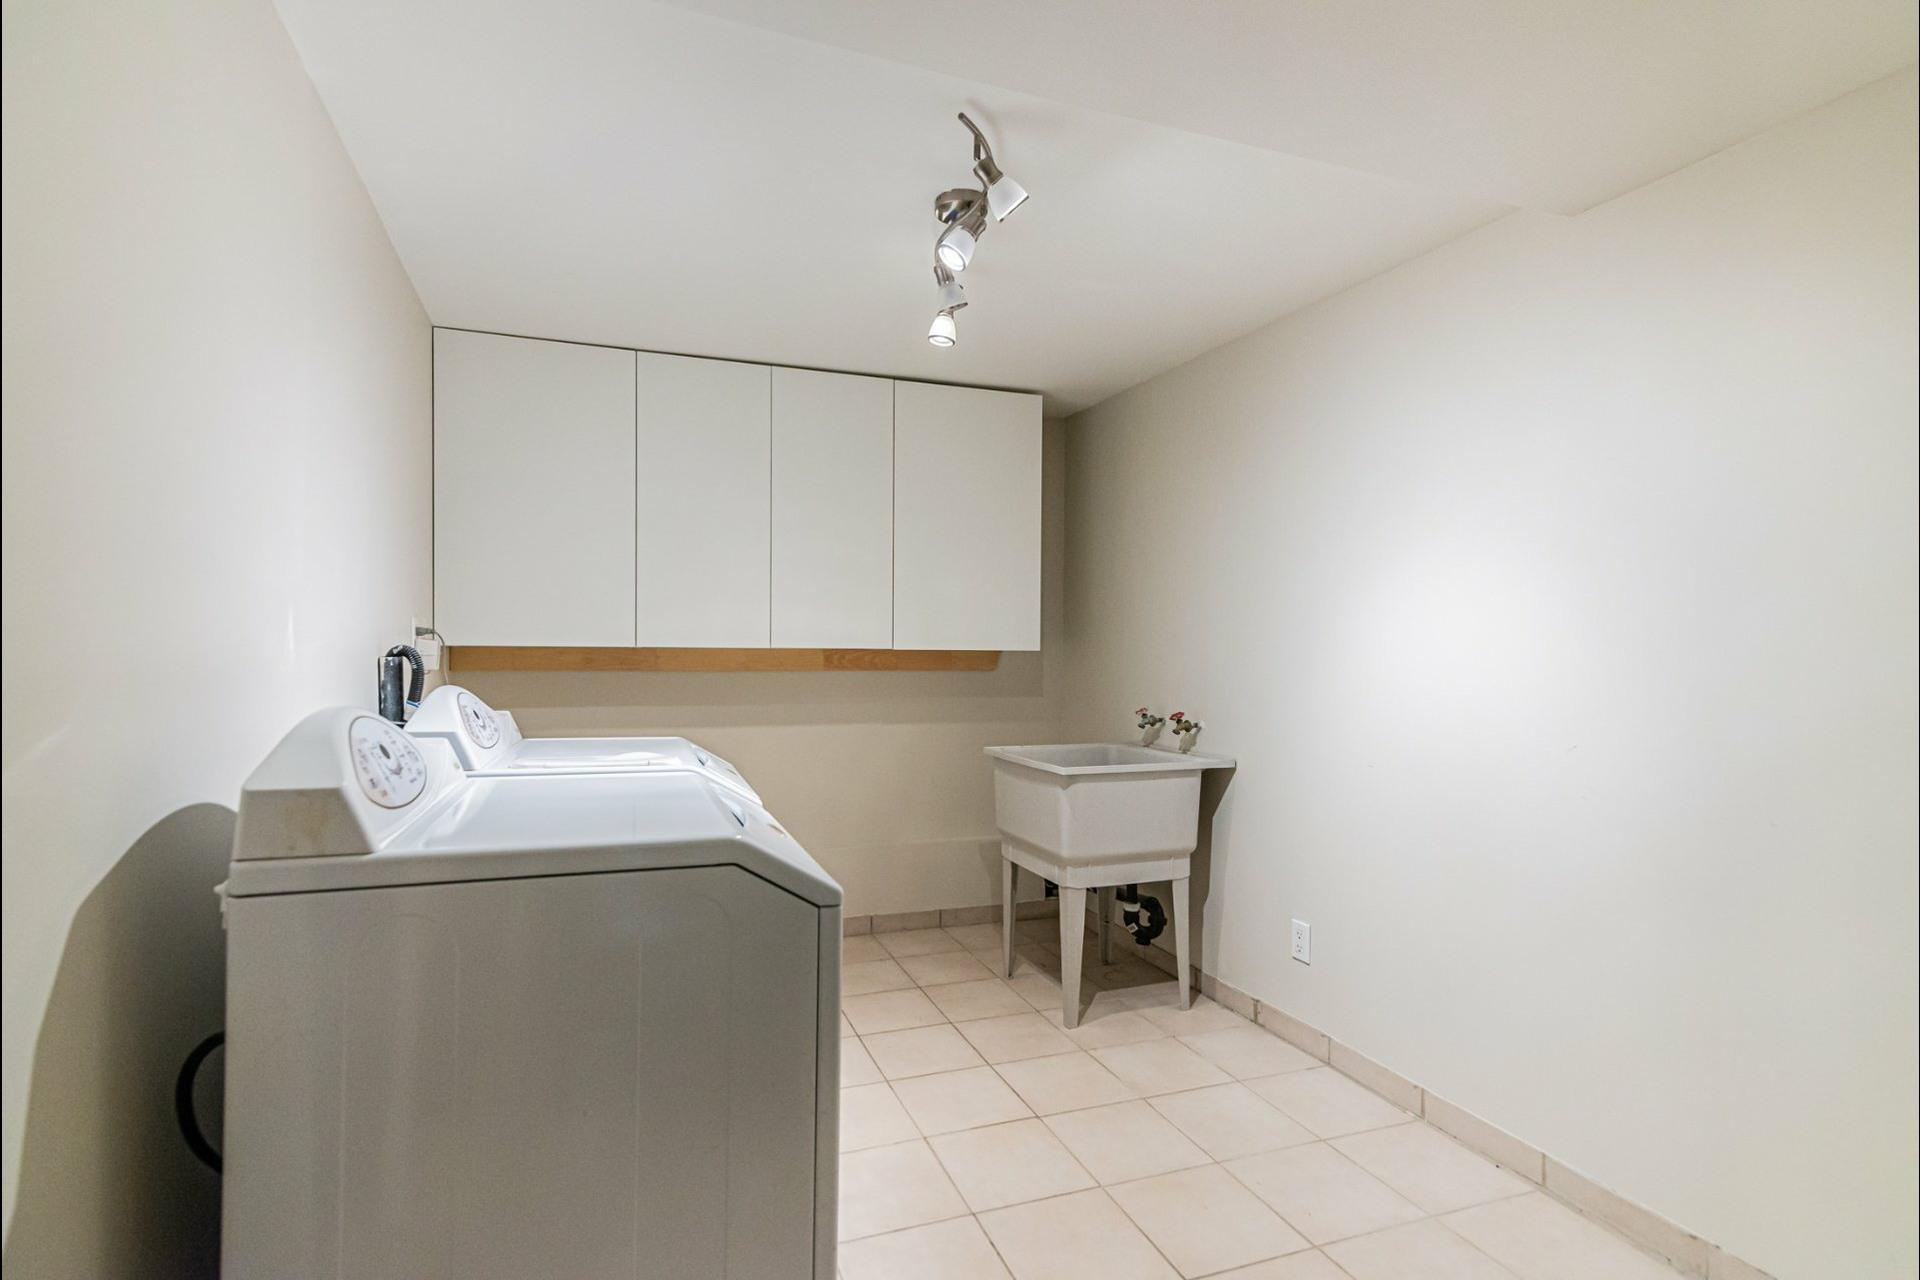 image 33 - Maison À louer Westmount - 8 pièces